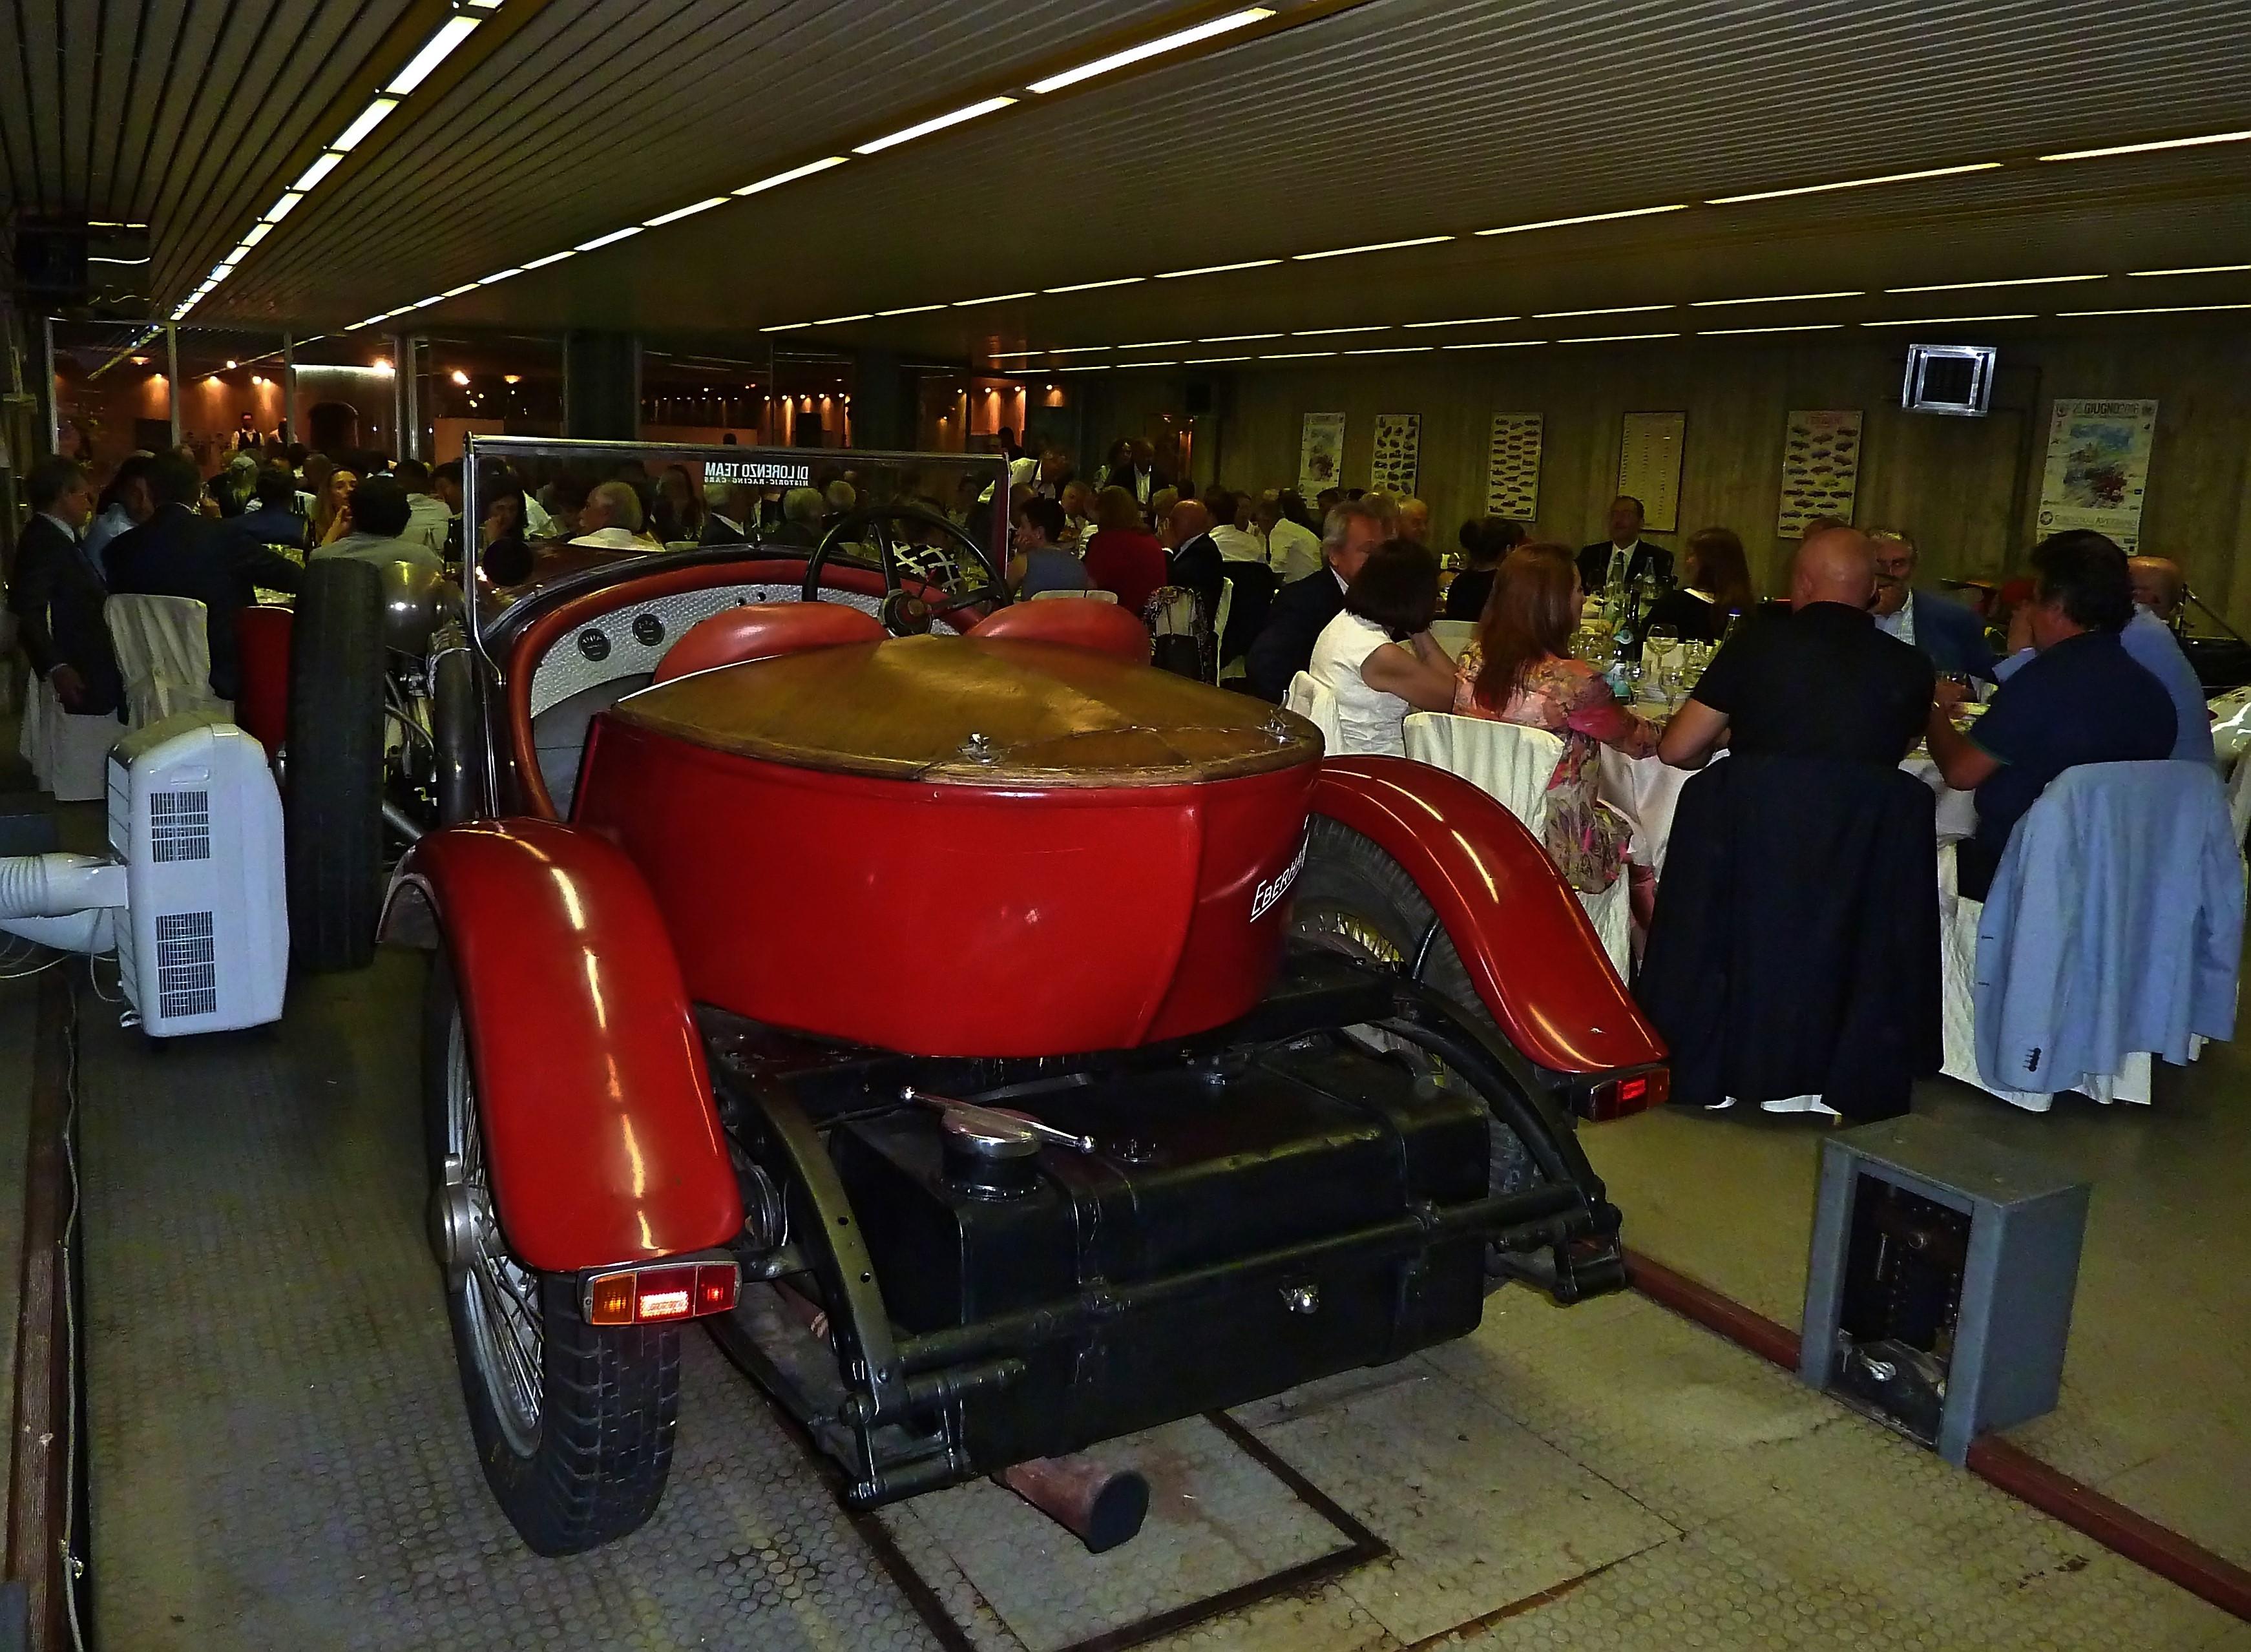 4th Circuito Di Avezzano (44)